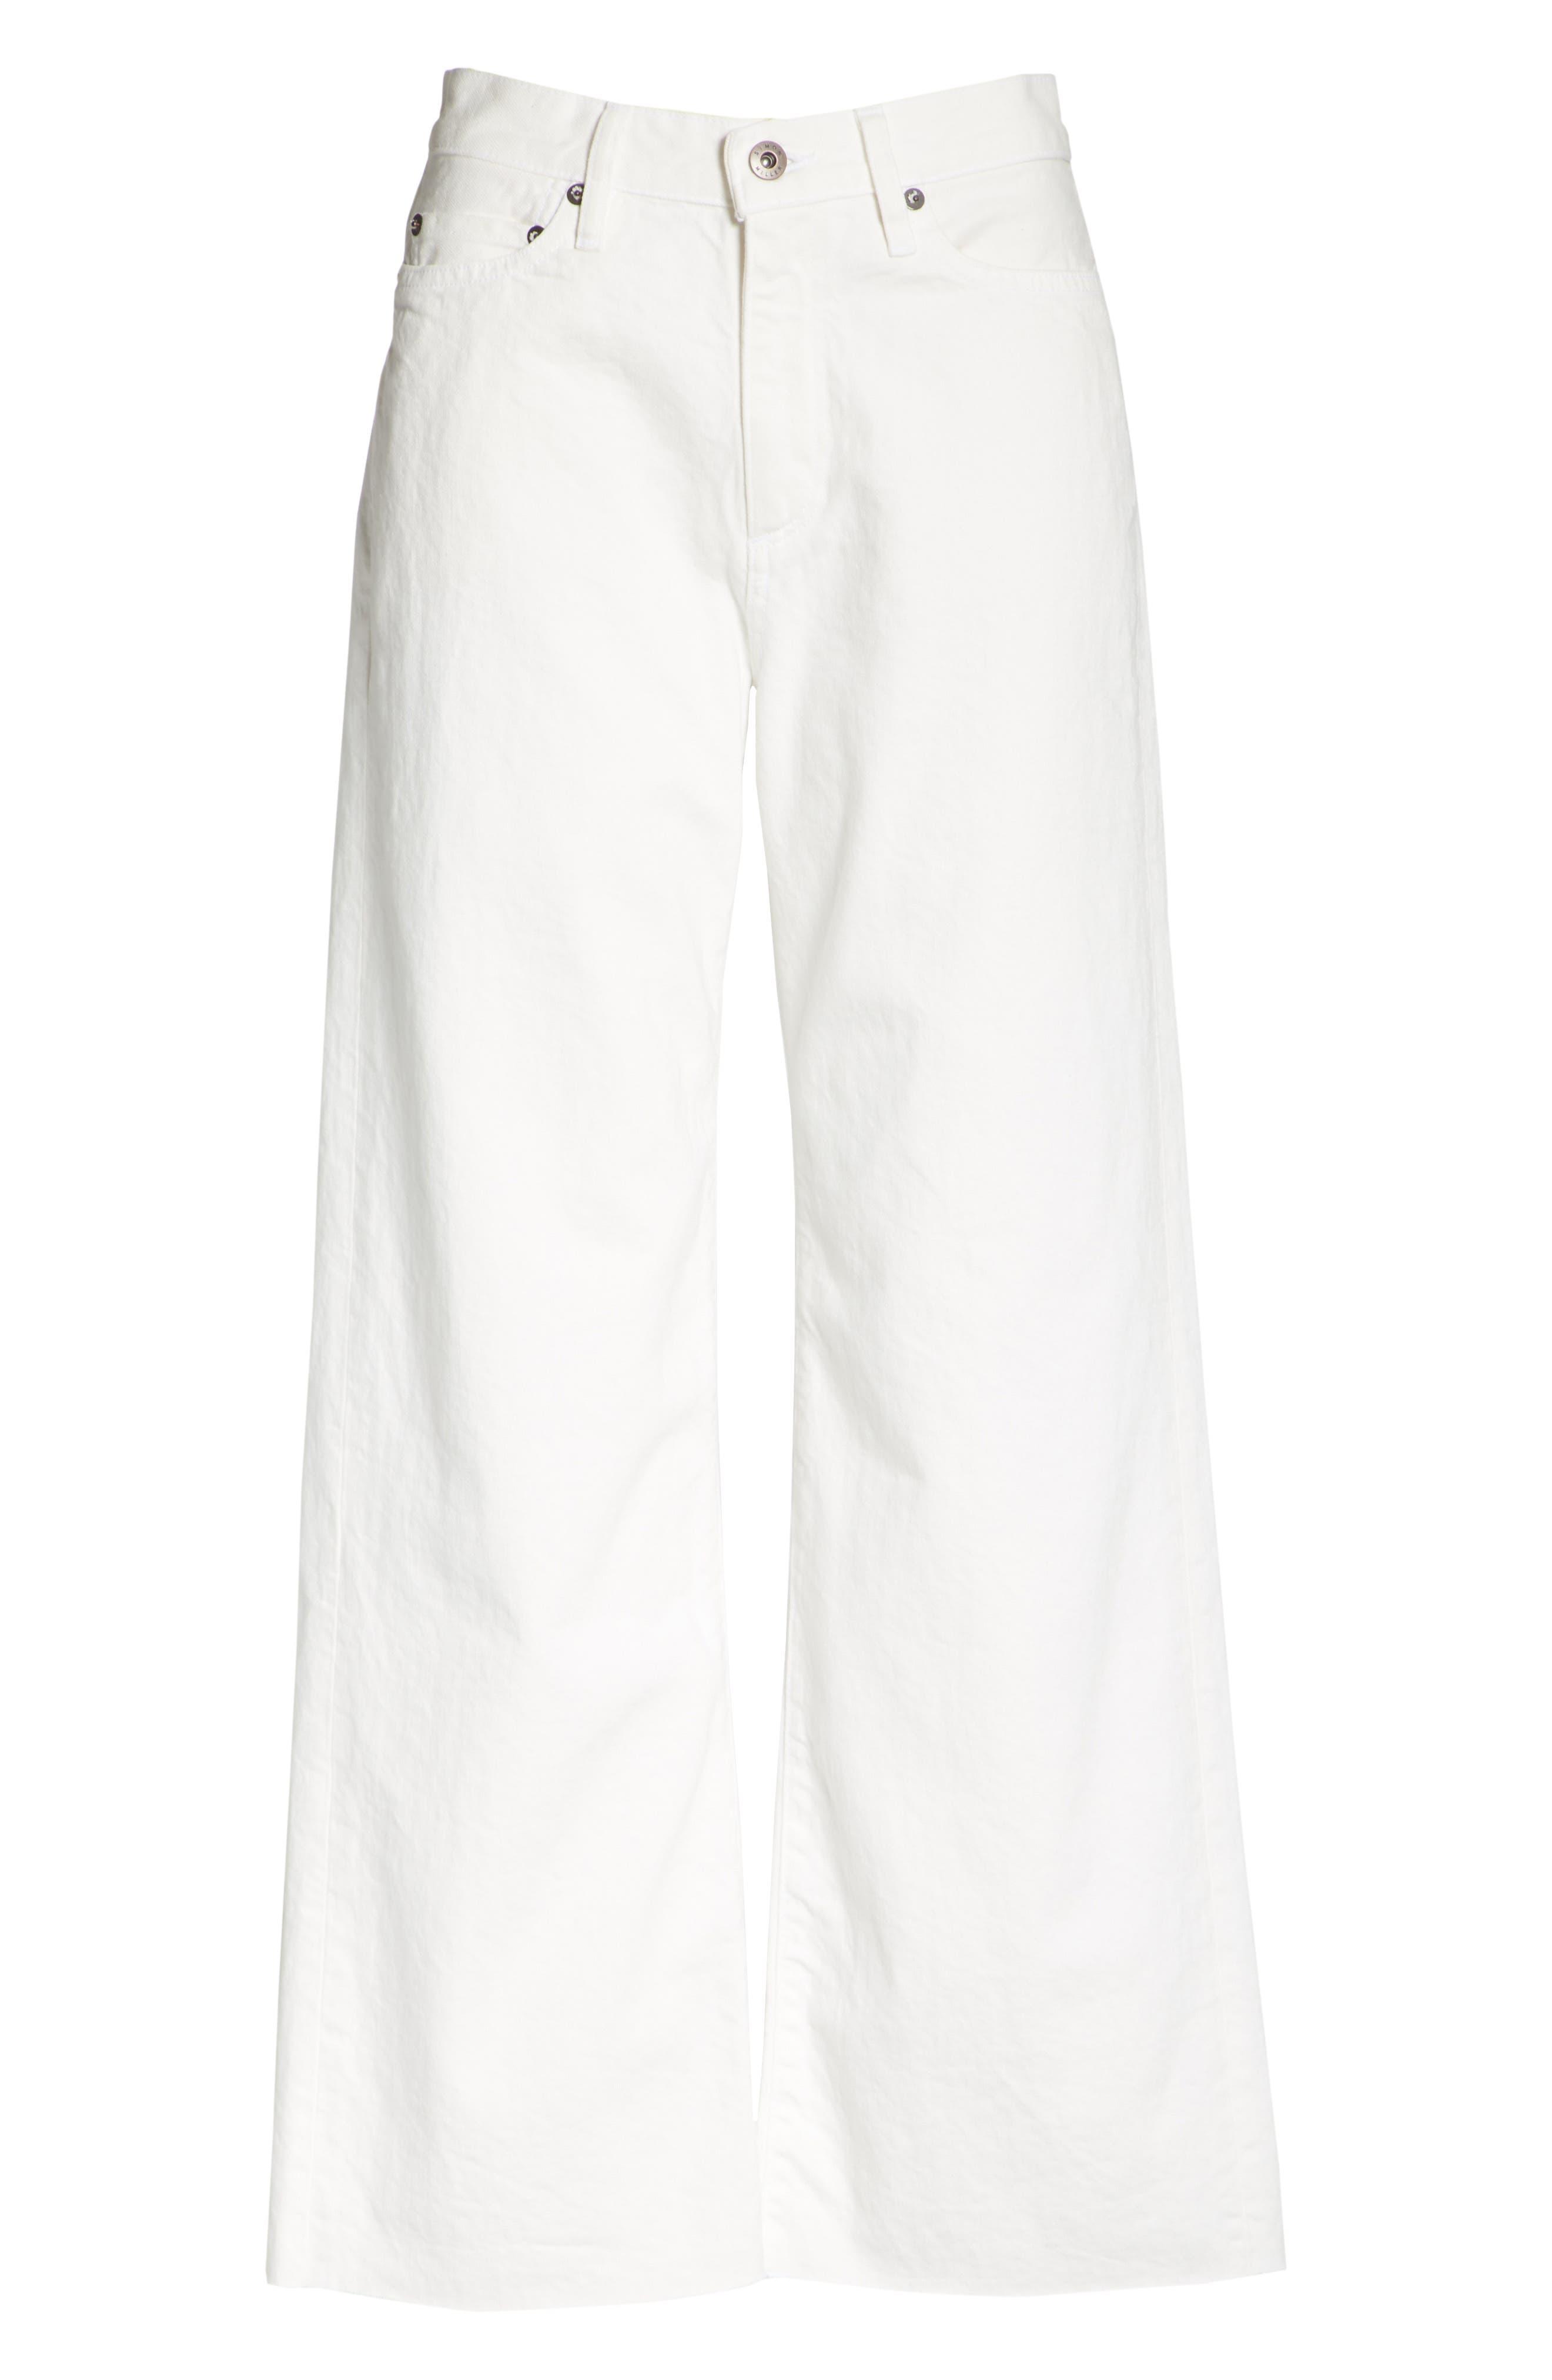 Lamere Wide Leg Crop Jeans,                             Alternate thumbnail 6, color,                             WHITE